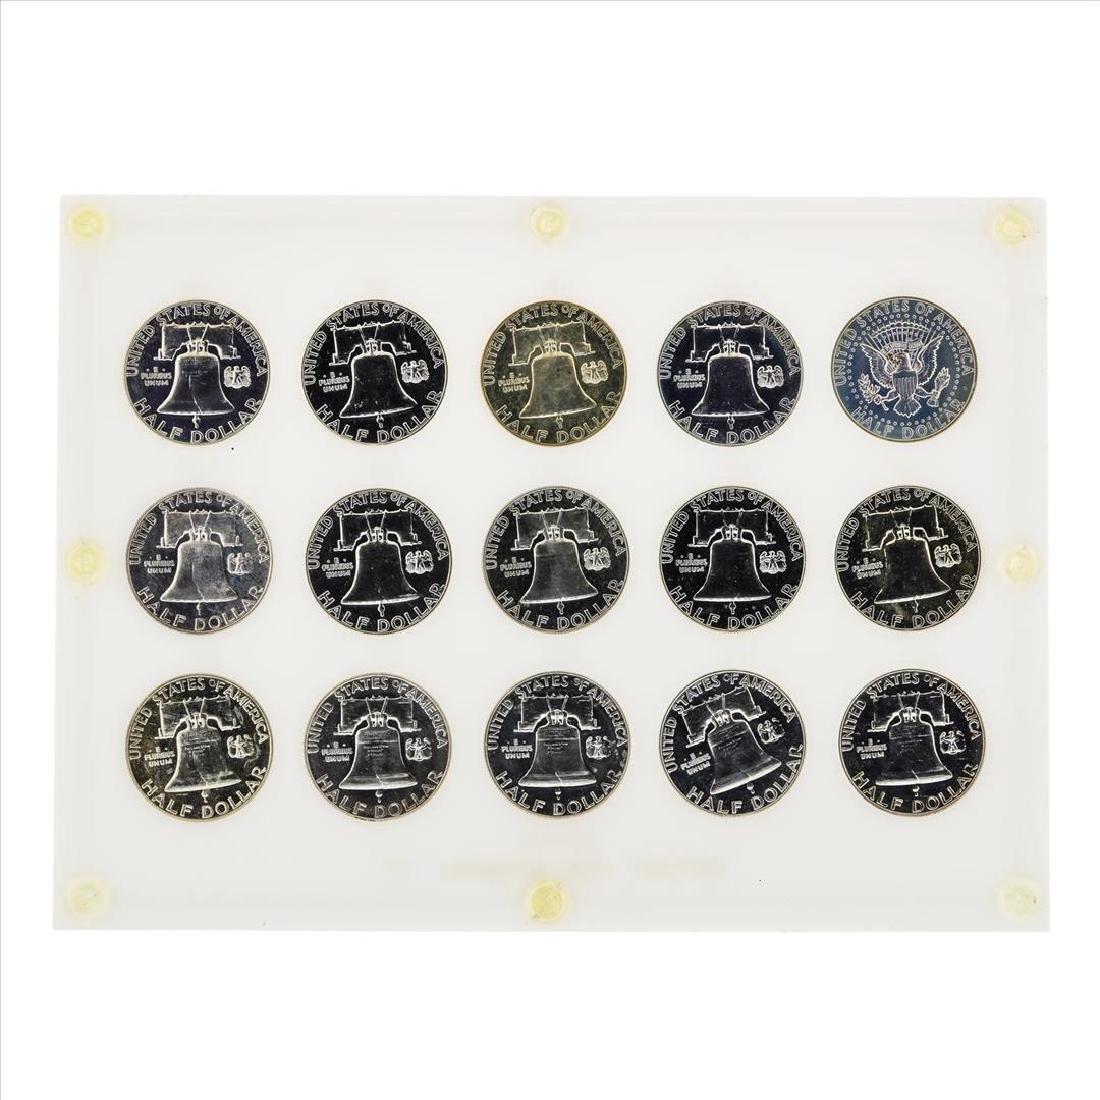 1950-1964 Franklin Half Dollar Proof Set Coins - 2